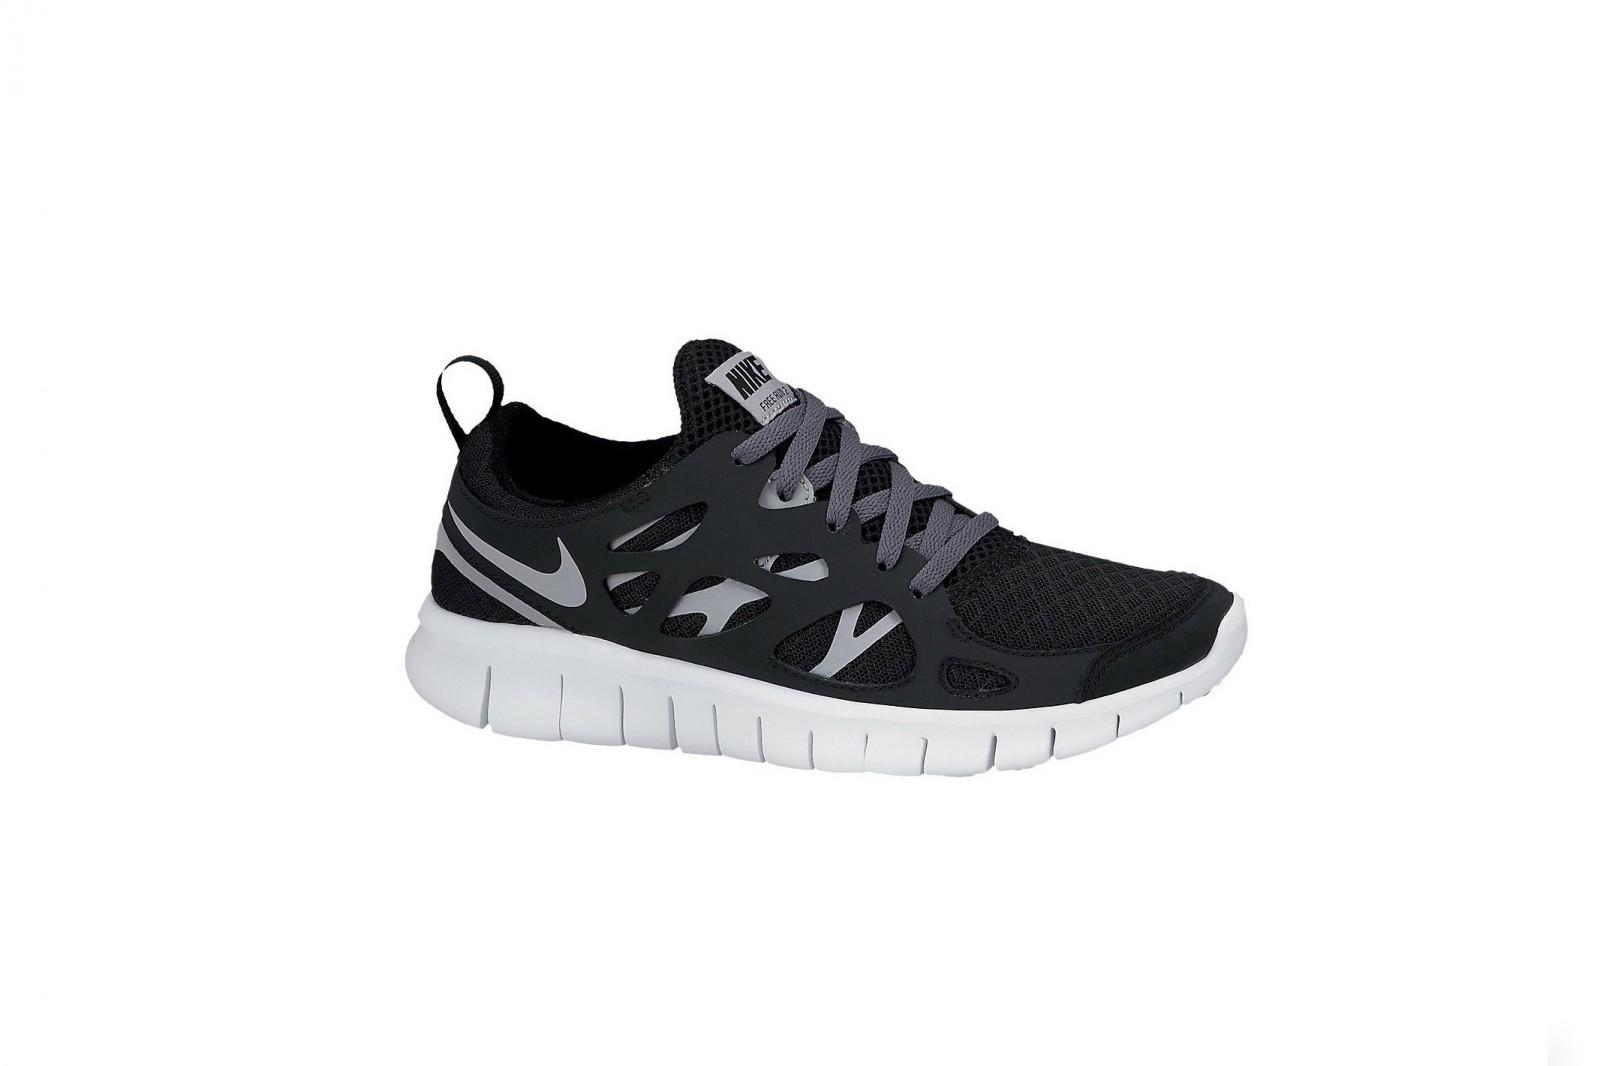 6488d0072c0 Dětské běžecké boty Nike FREE RUN 2 (GS)